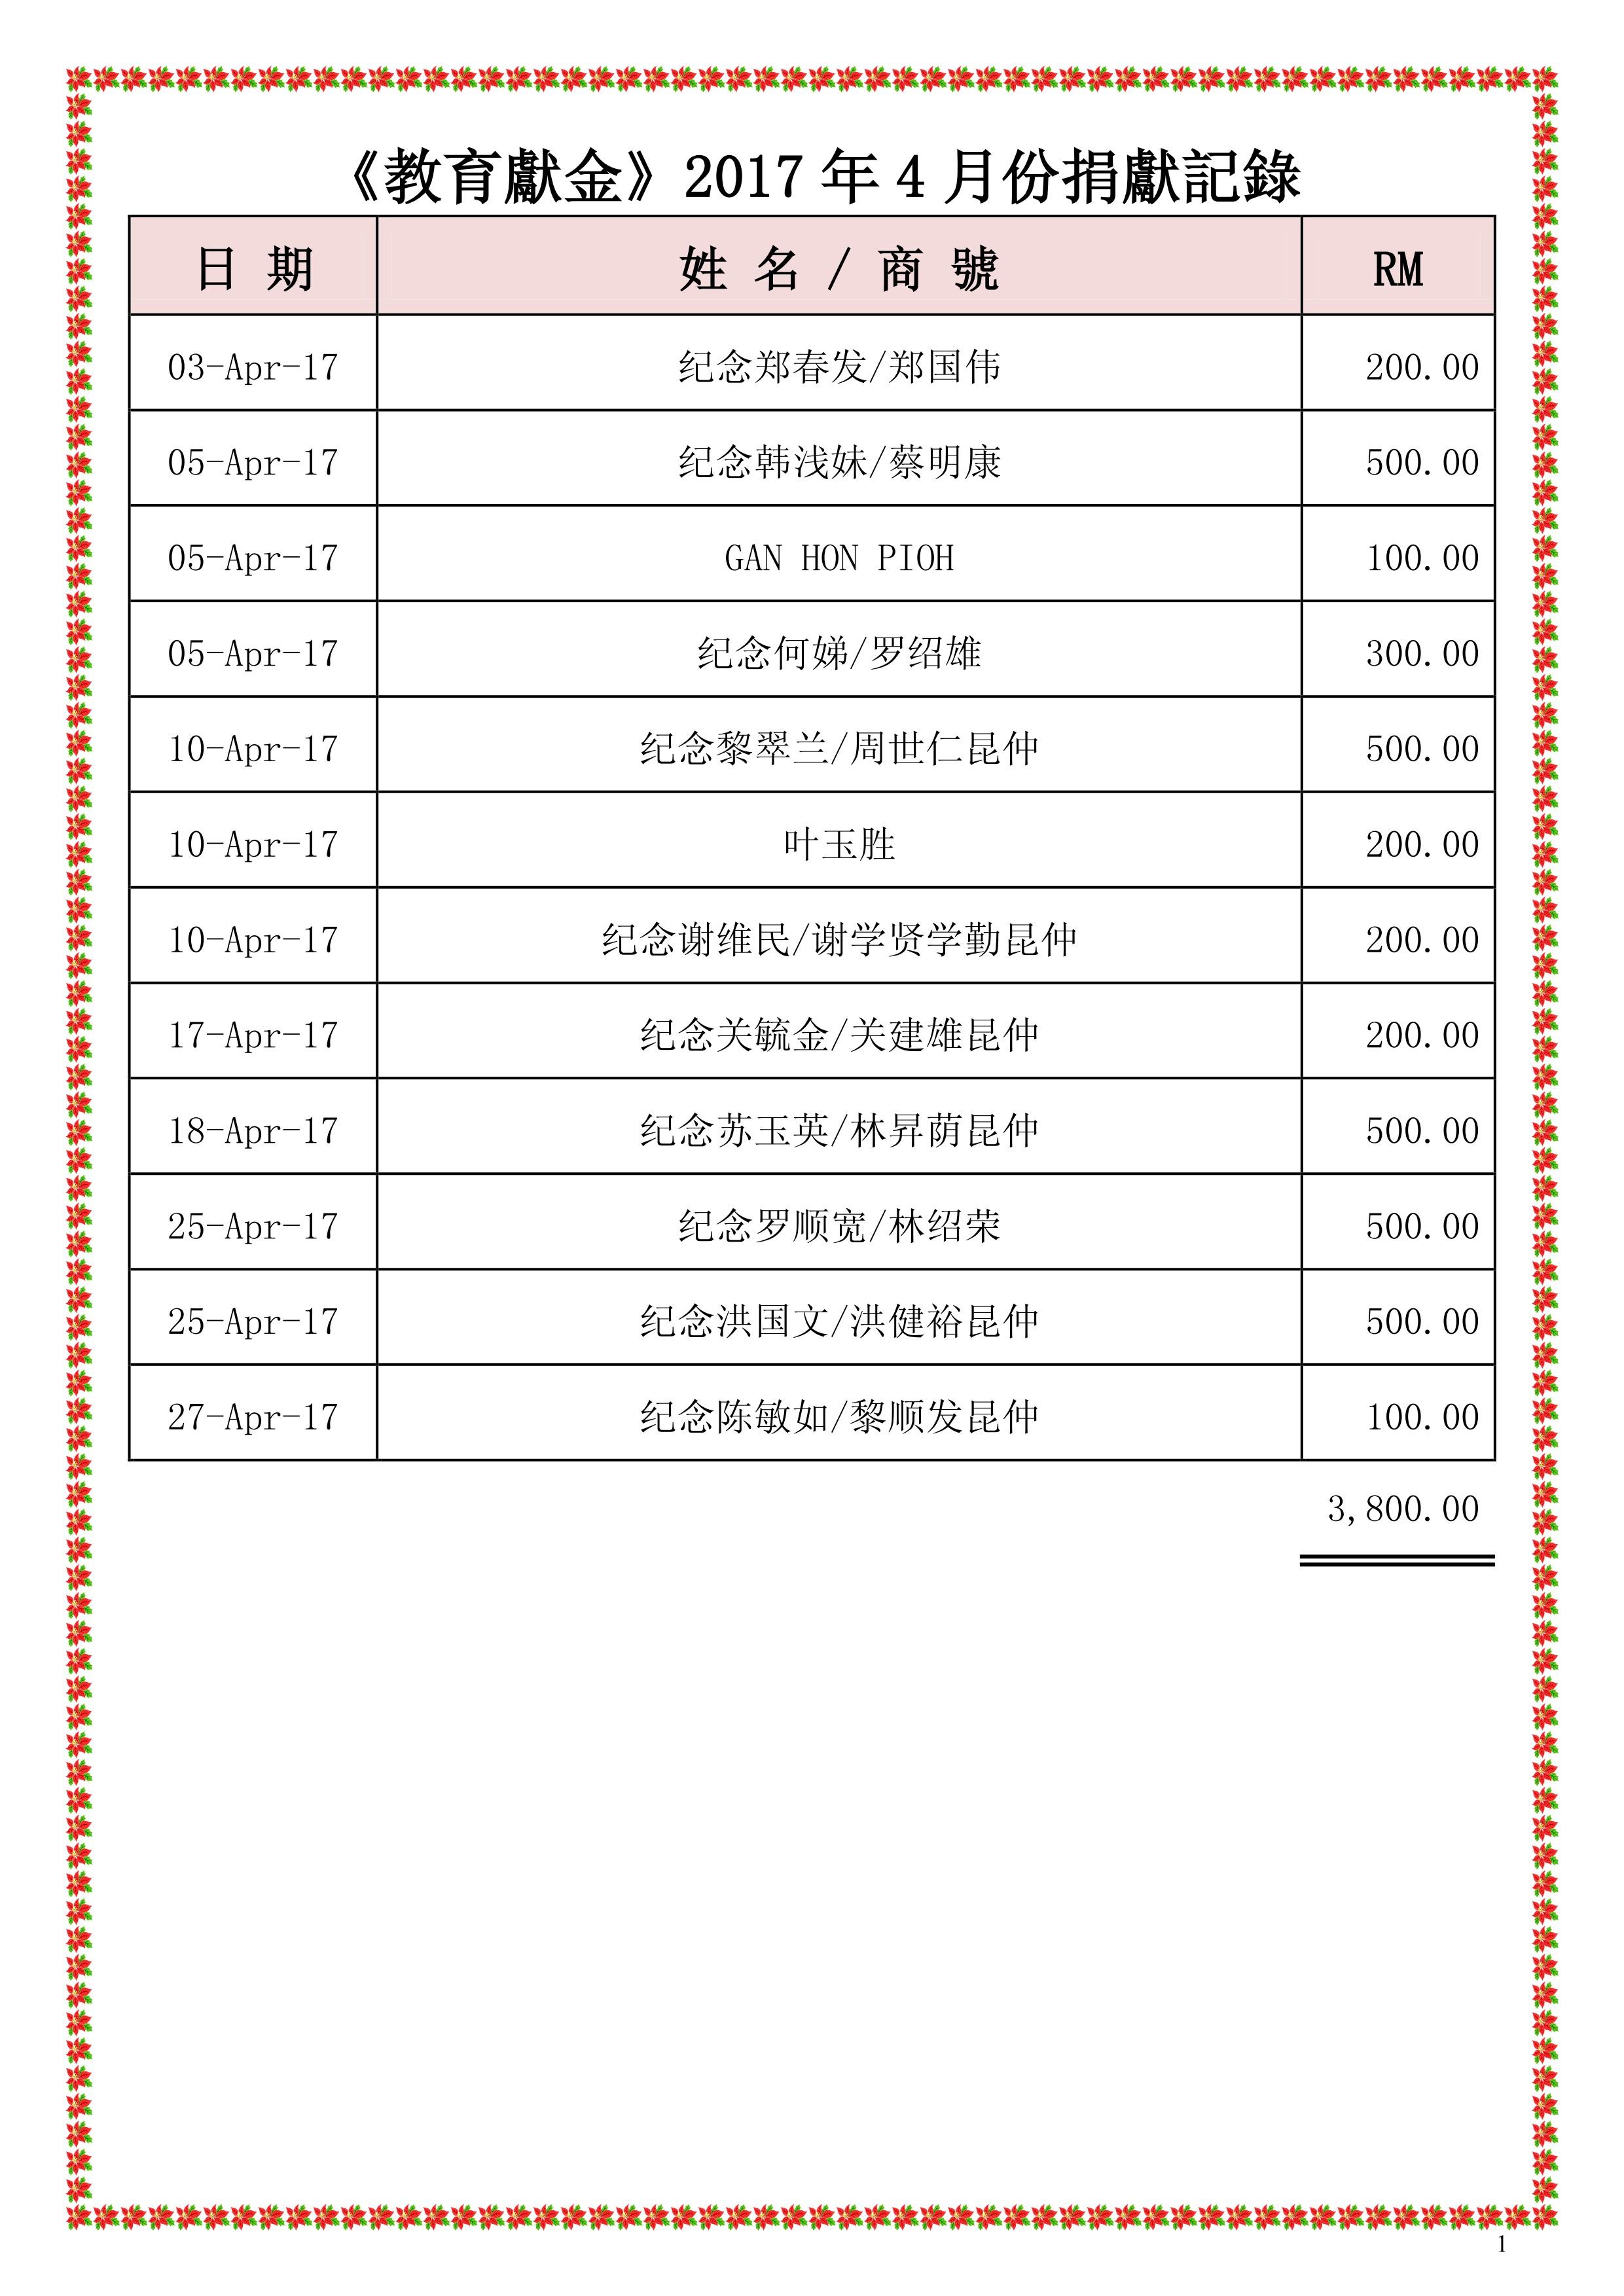 2017年4月份捐献名单